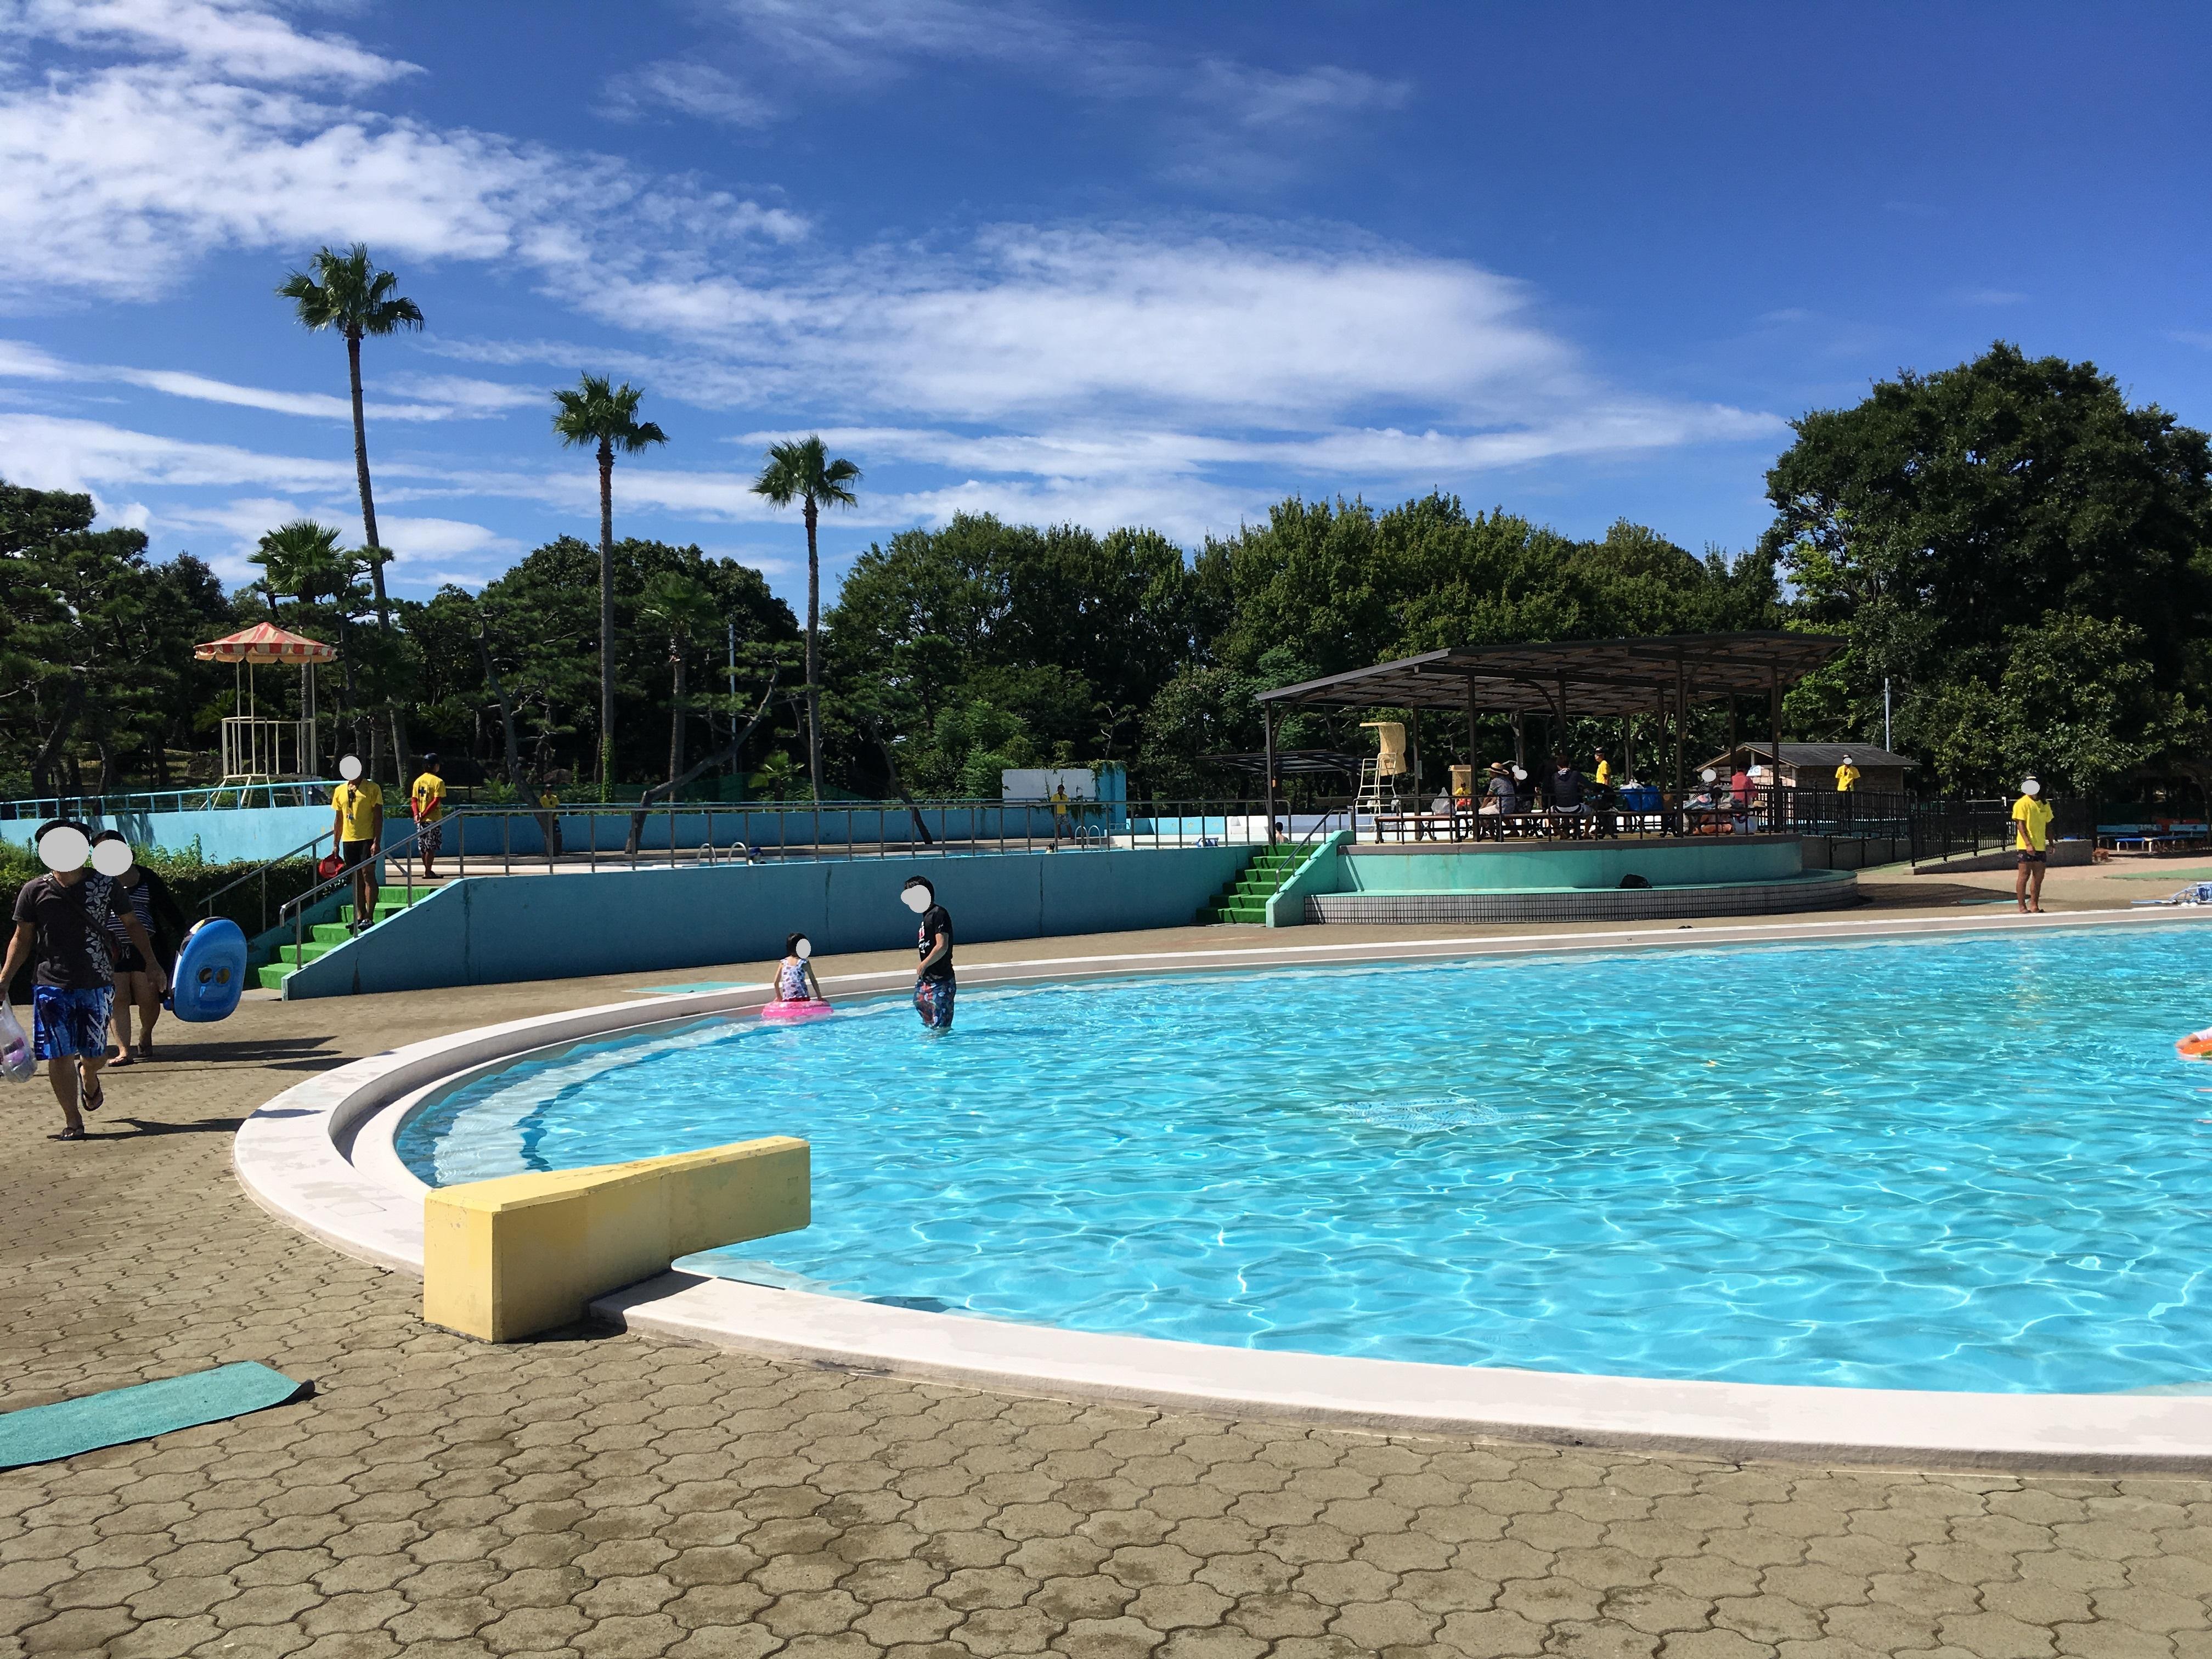 堺市の大浜公園プール 安い・キレイ・空いてる!穴場です - はらっぱで ...